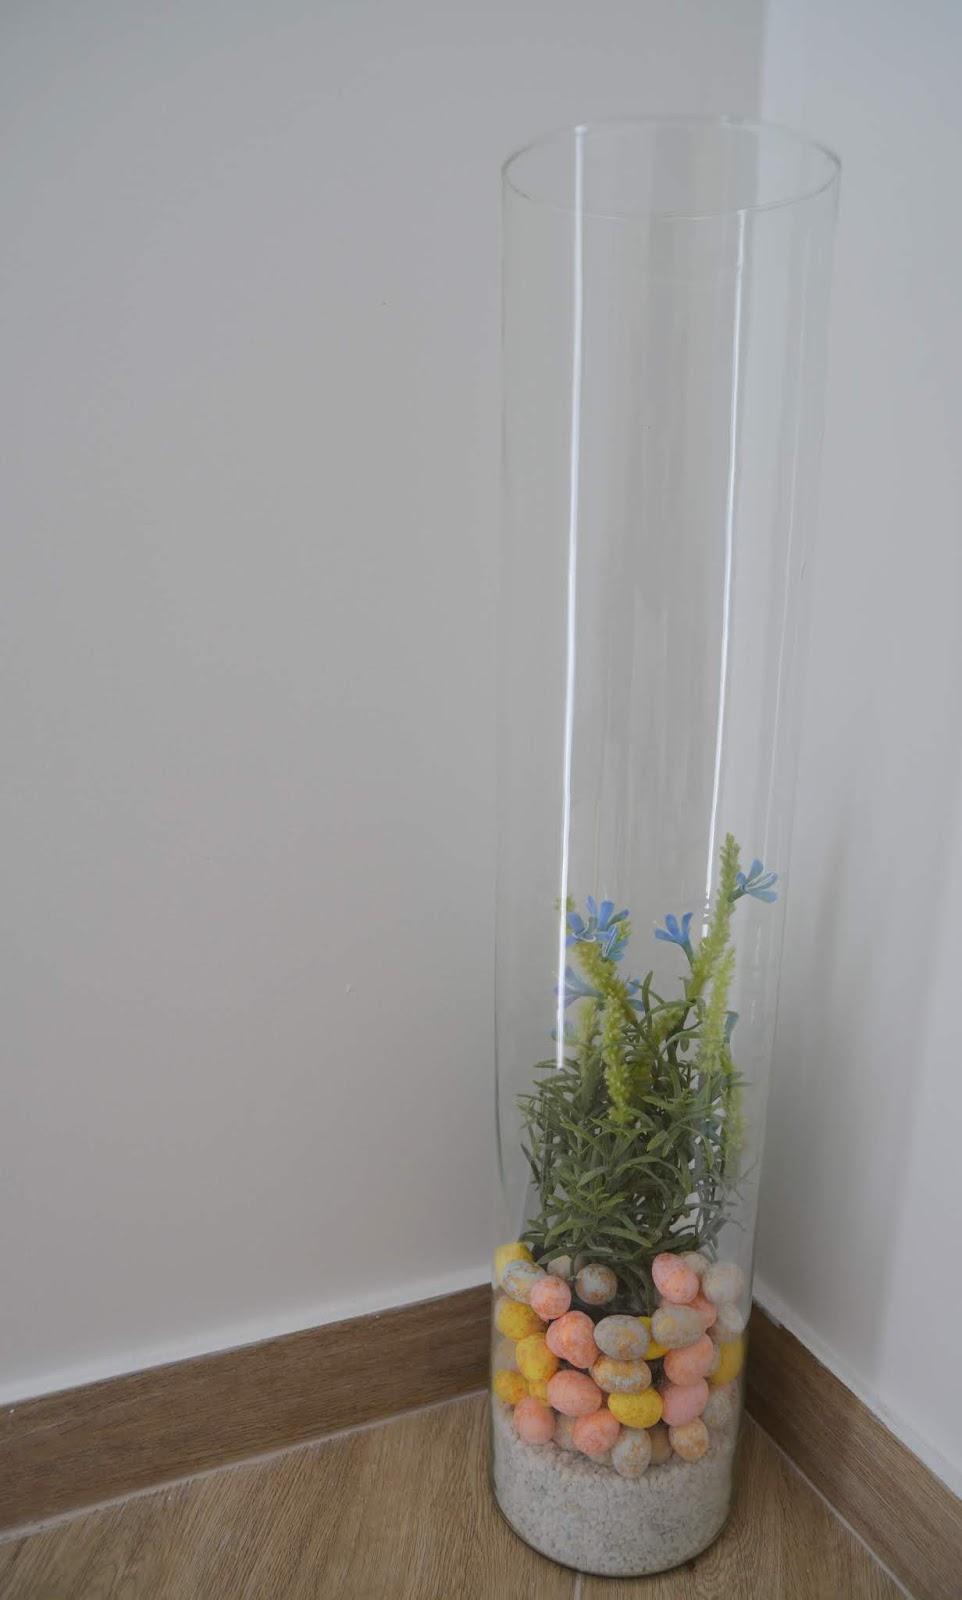 Zaczerpnij Inspiracji Wiosenna Dekoracja W Szkle